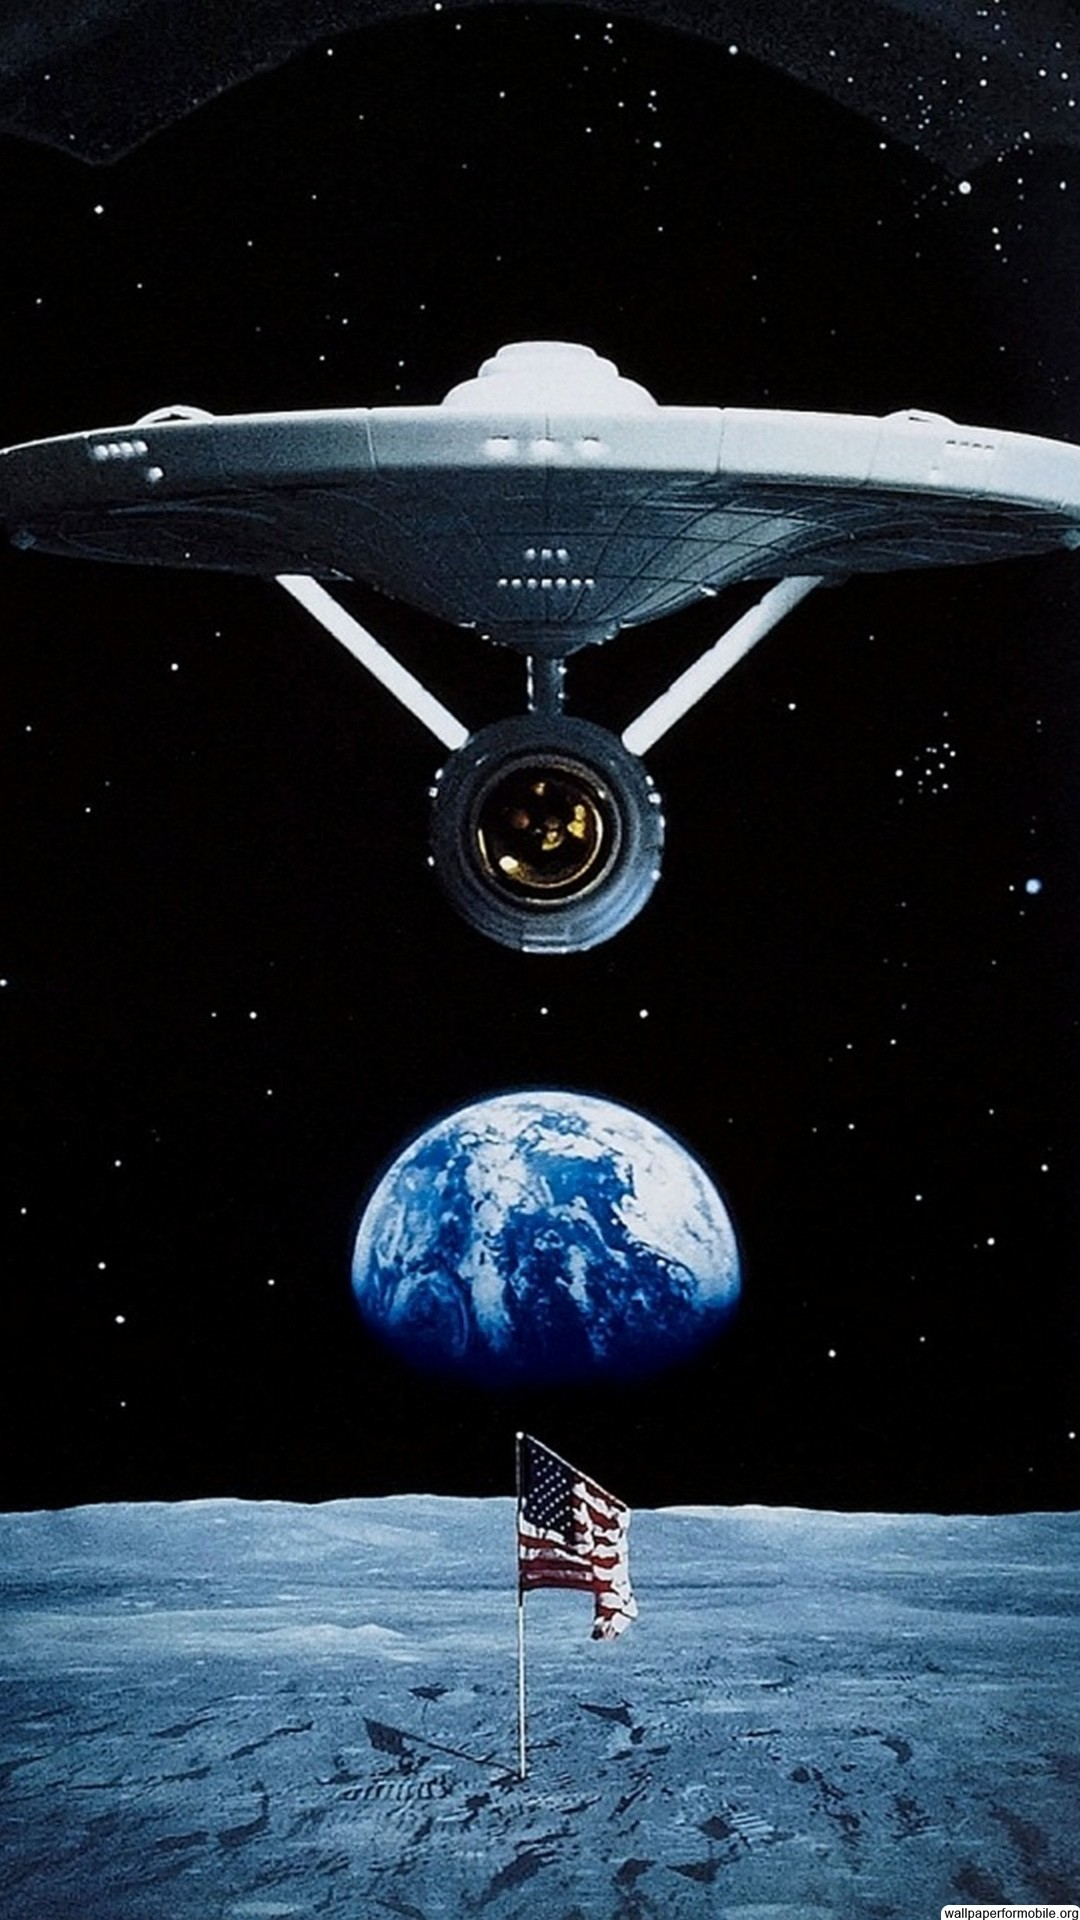 142 Star Trek Wallpaper Android